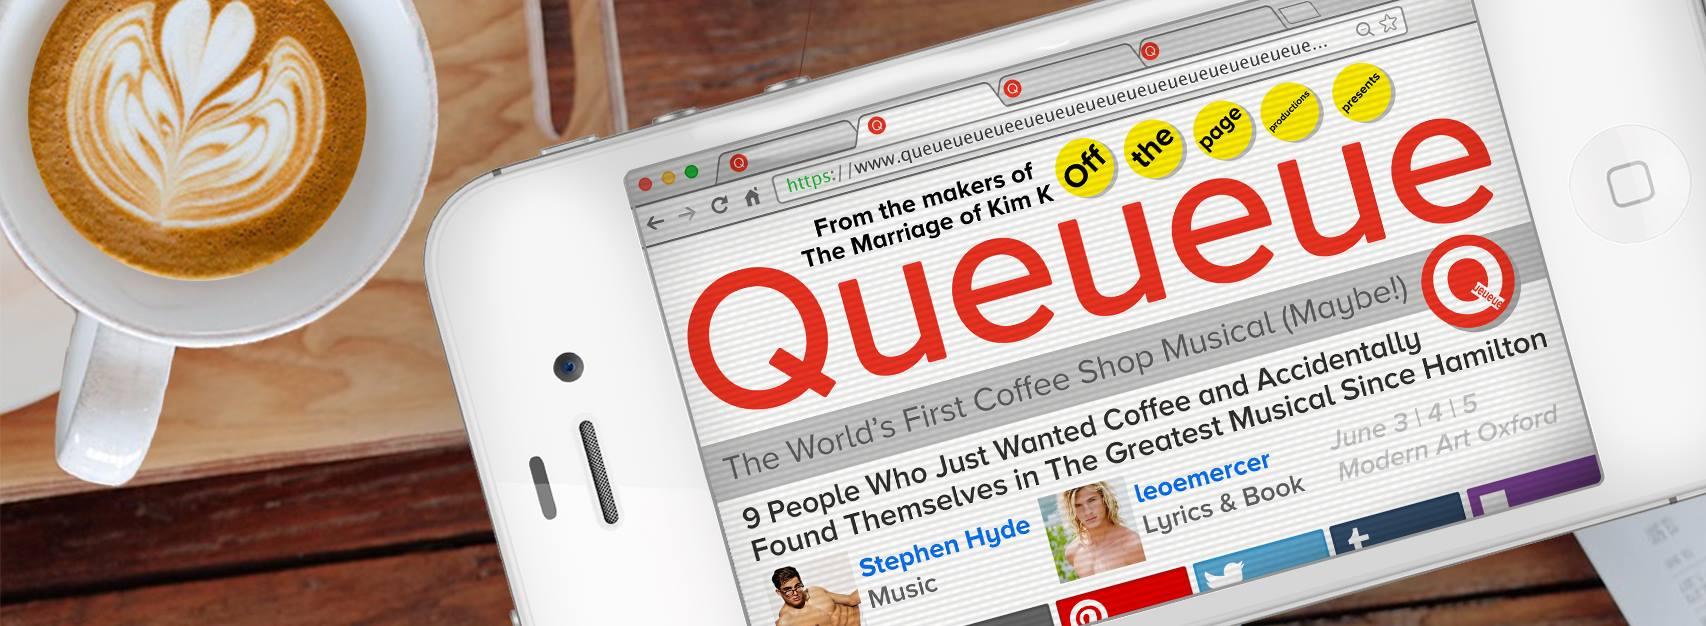 Queueue – A review